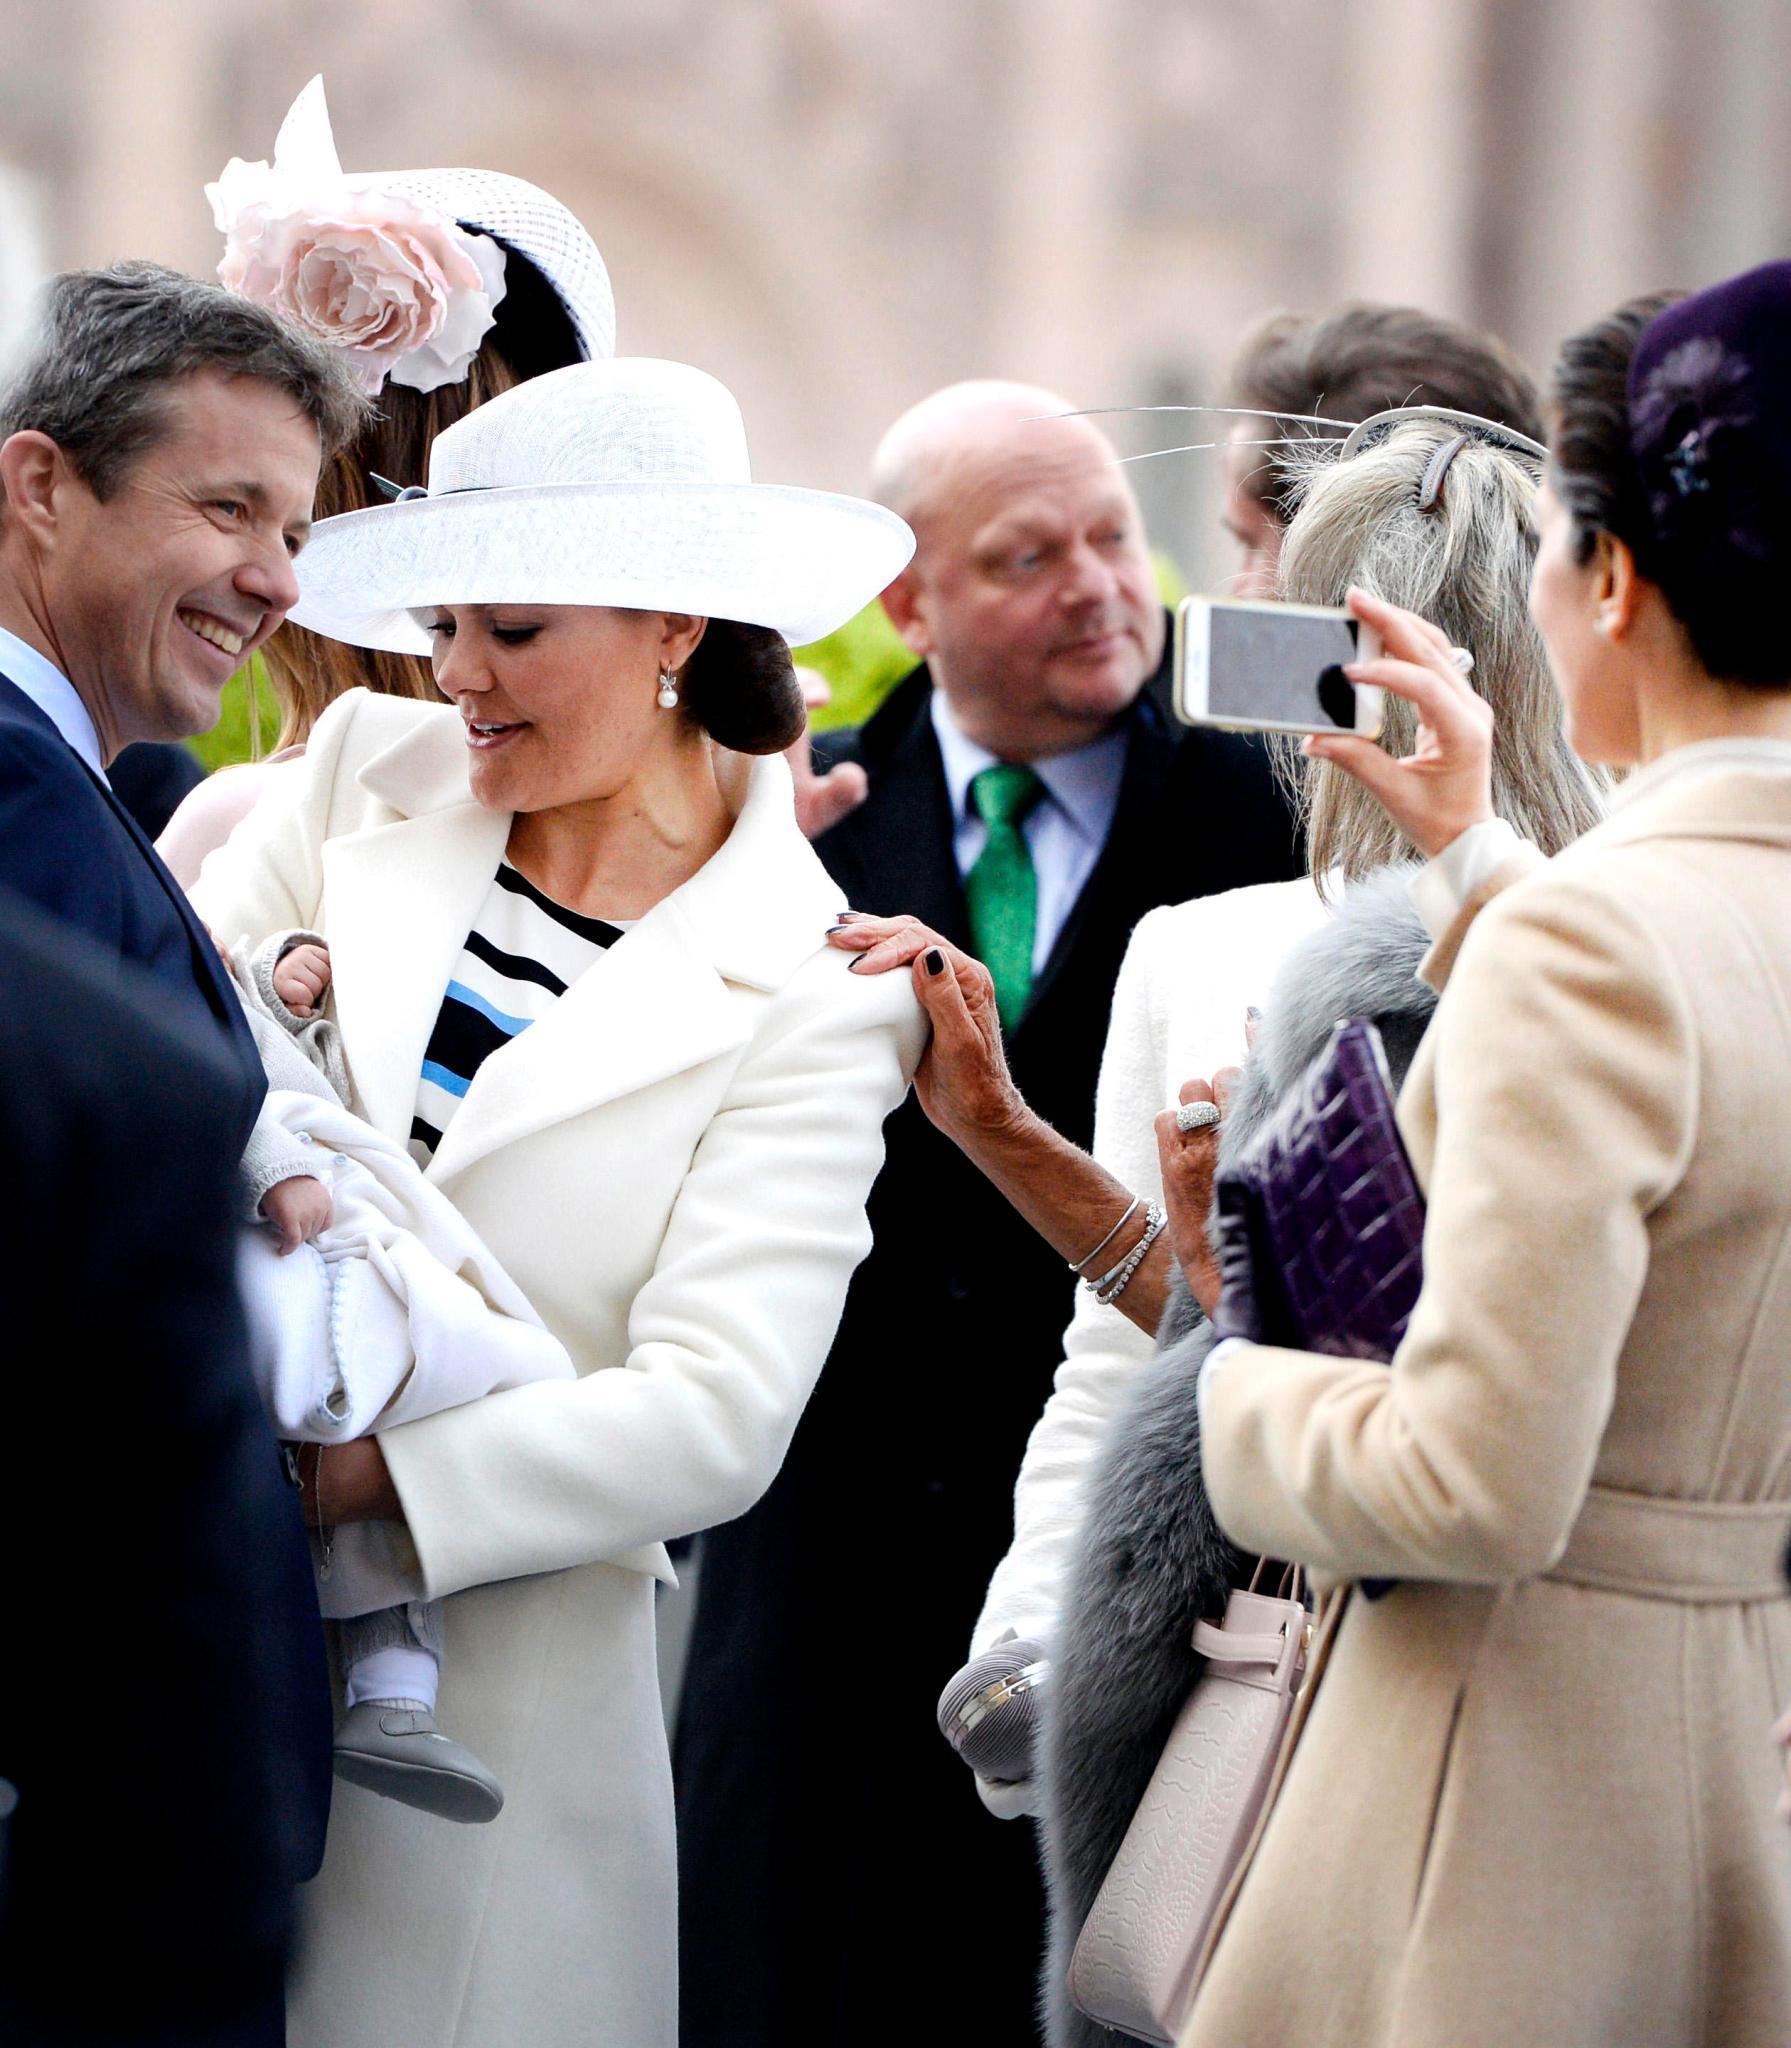 Ob hier schon der künftige Pate mit seinem Patensohn posiert? Prinzessin Mary macht einen Schnappschuss vom kleinen Oscar mit Ehemann Frederik.